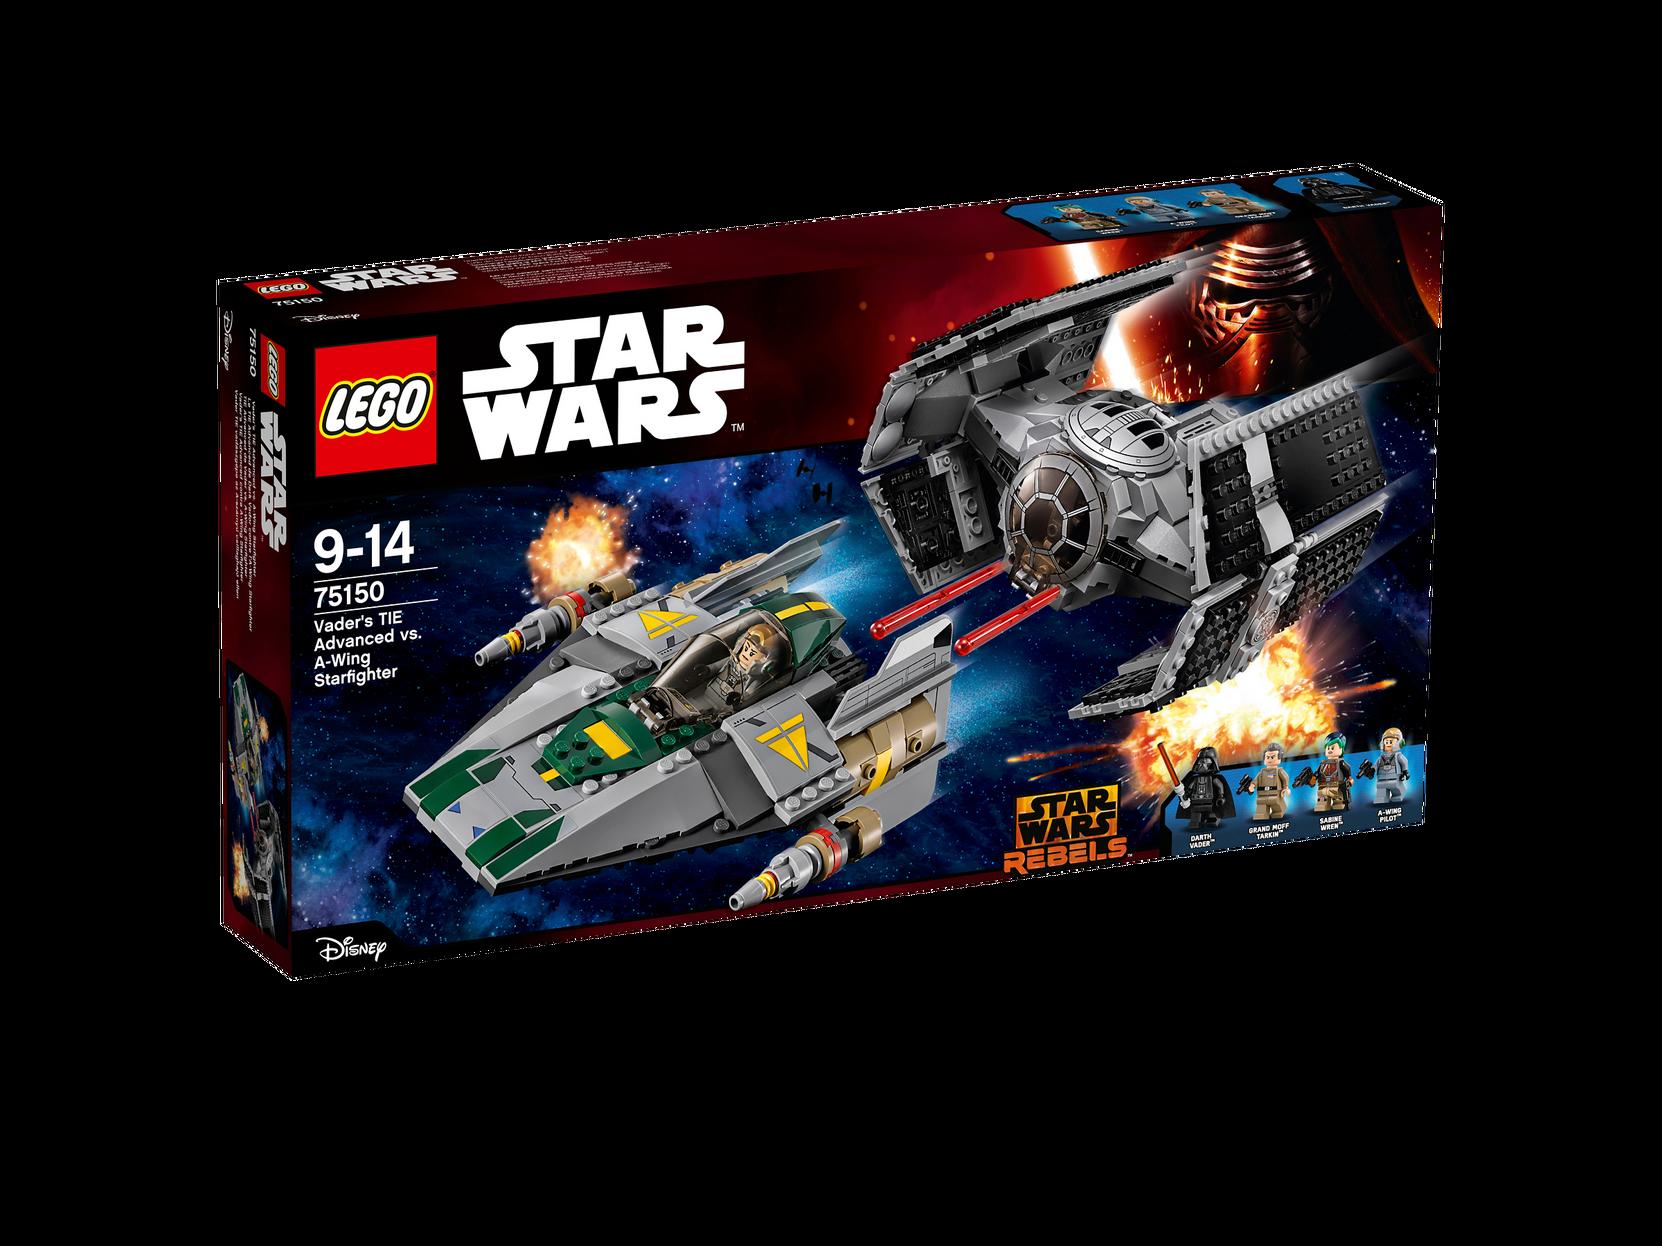 Vaders TIE Advanced mod A-wing Starfighter 75150 LEGO Lego til Børn i 75150